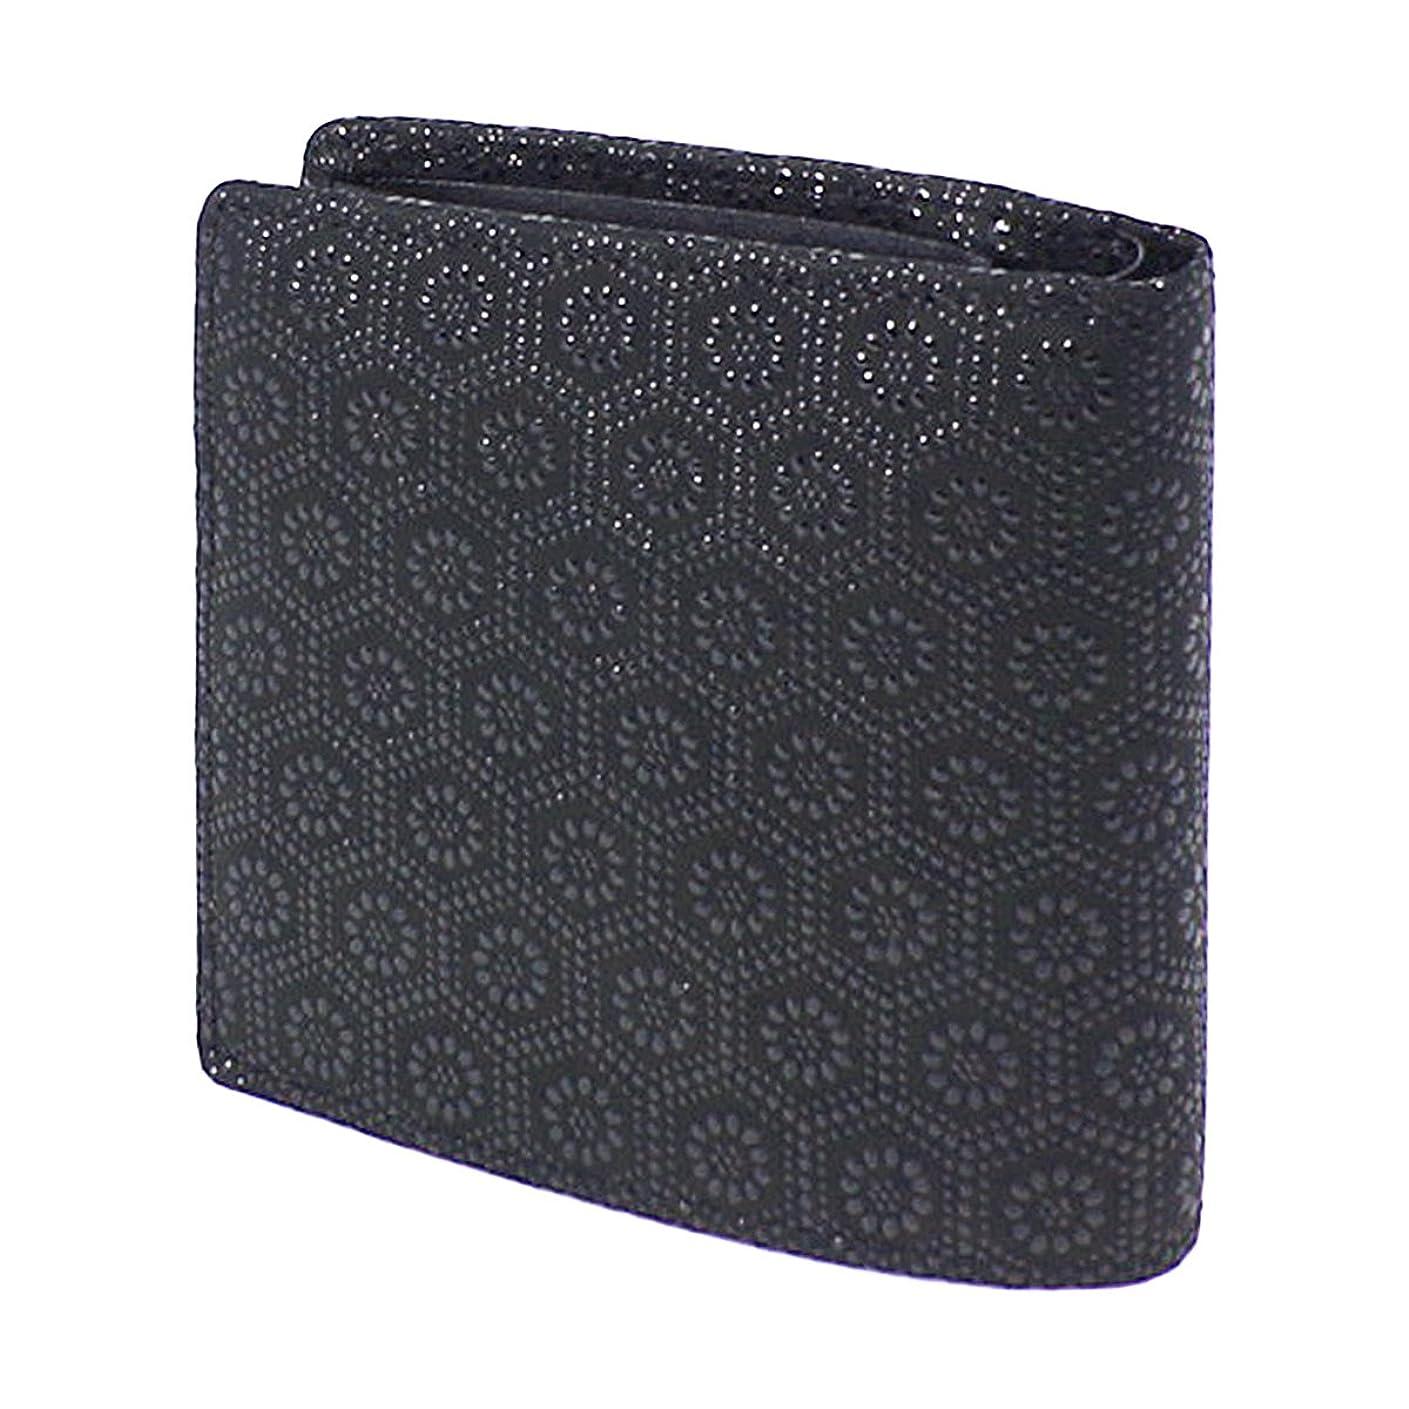 回復する愛国的な地平線INDEN-YA 印傳屋 印伝 財布 二つ折り財布 メンズ 男性用 黒×黒 亀甲 2008-01-003